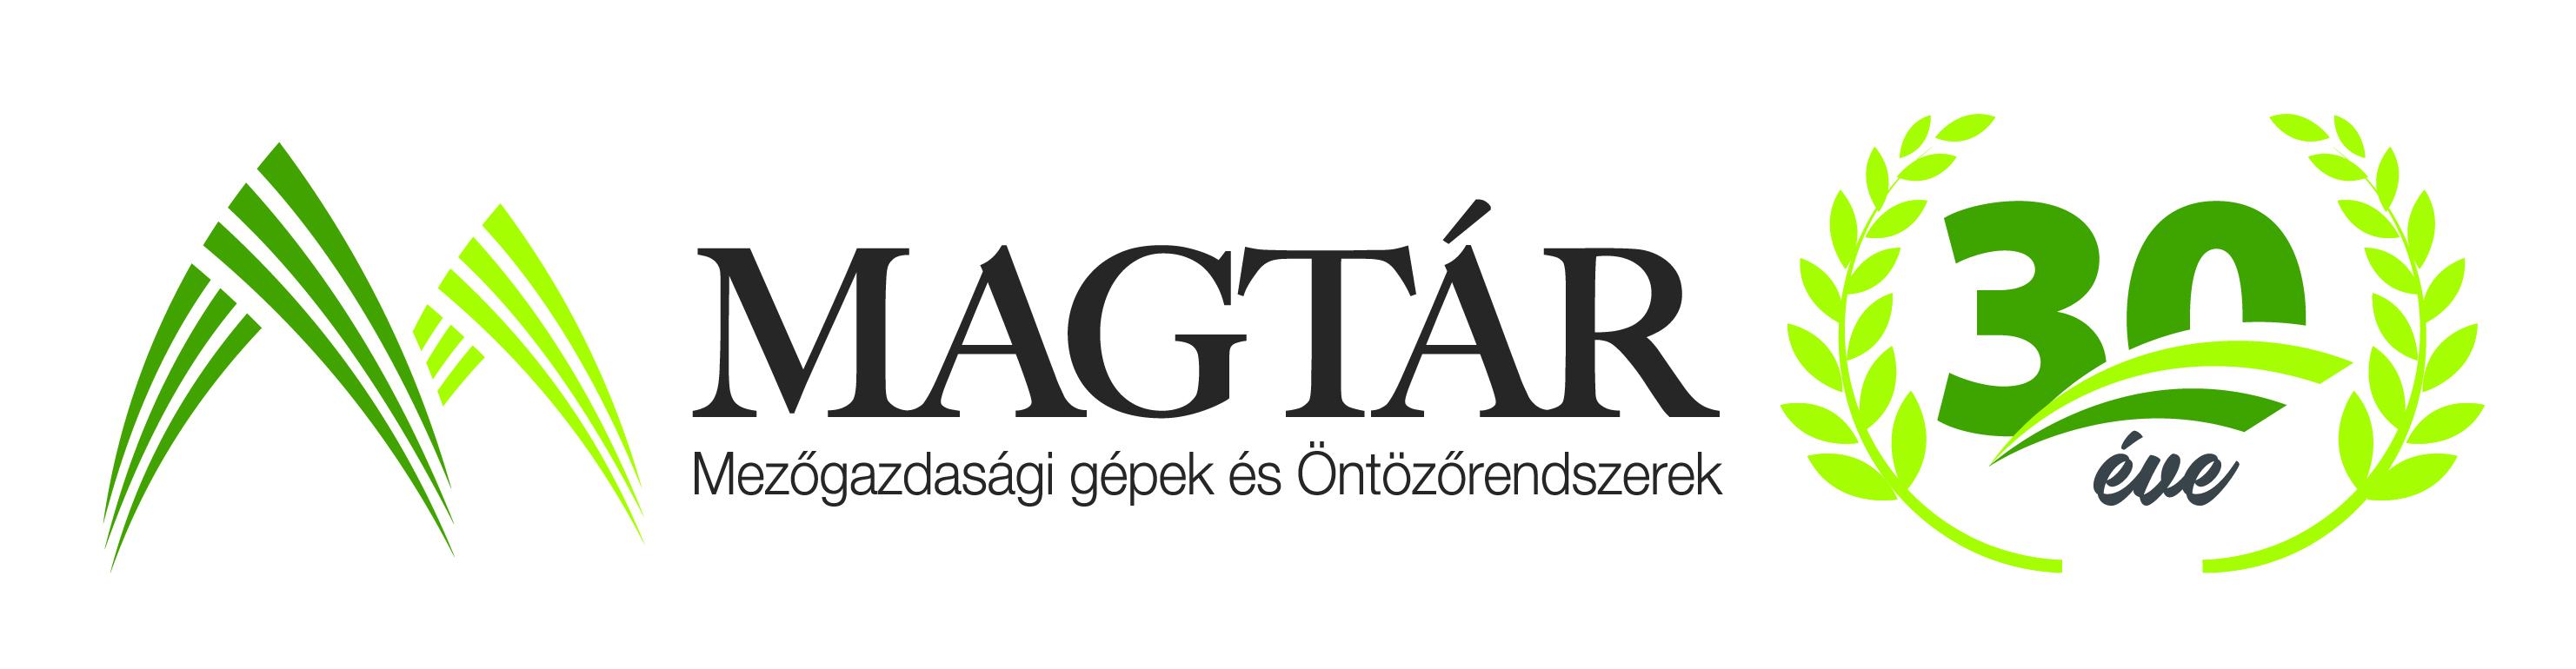 Magtár